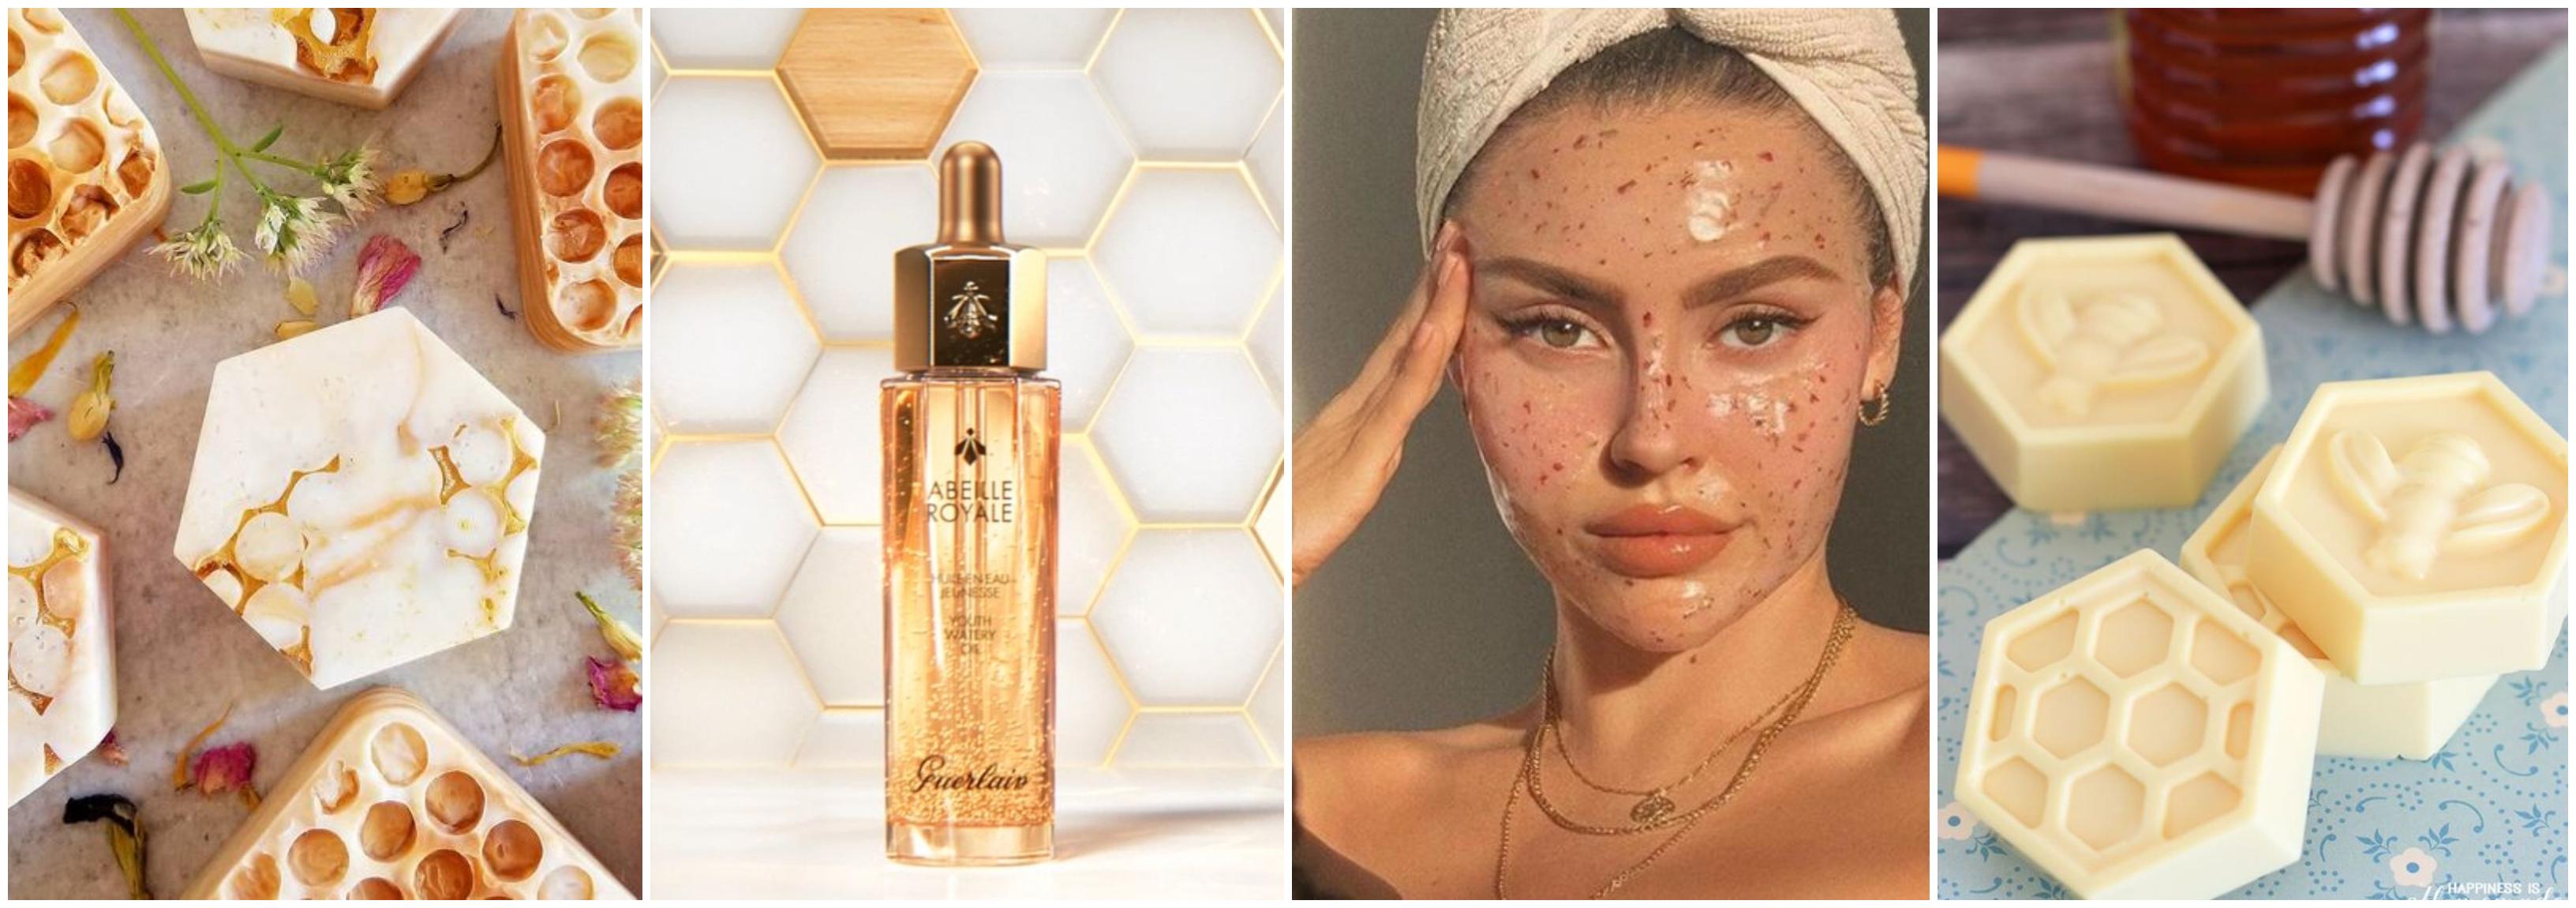 Cosmetice cu miere - un deliciu pentru piele